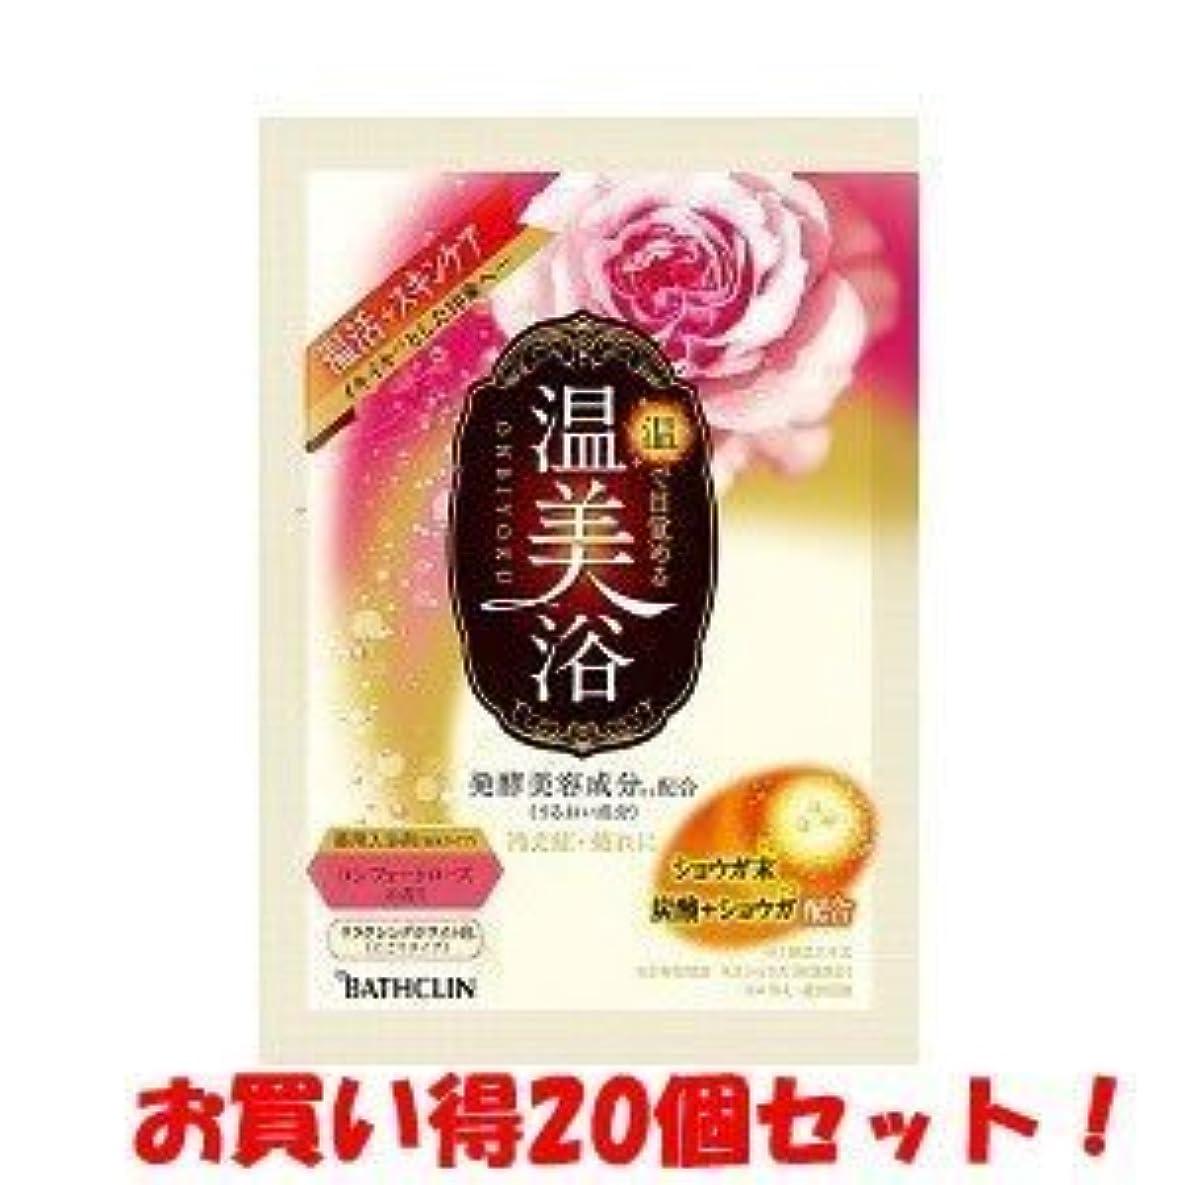 マニフェストのり農業の(バスクリン)温美浴 コンフォートローズの香り 40g(医薬部外品)(お買い得20個セット)